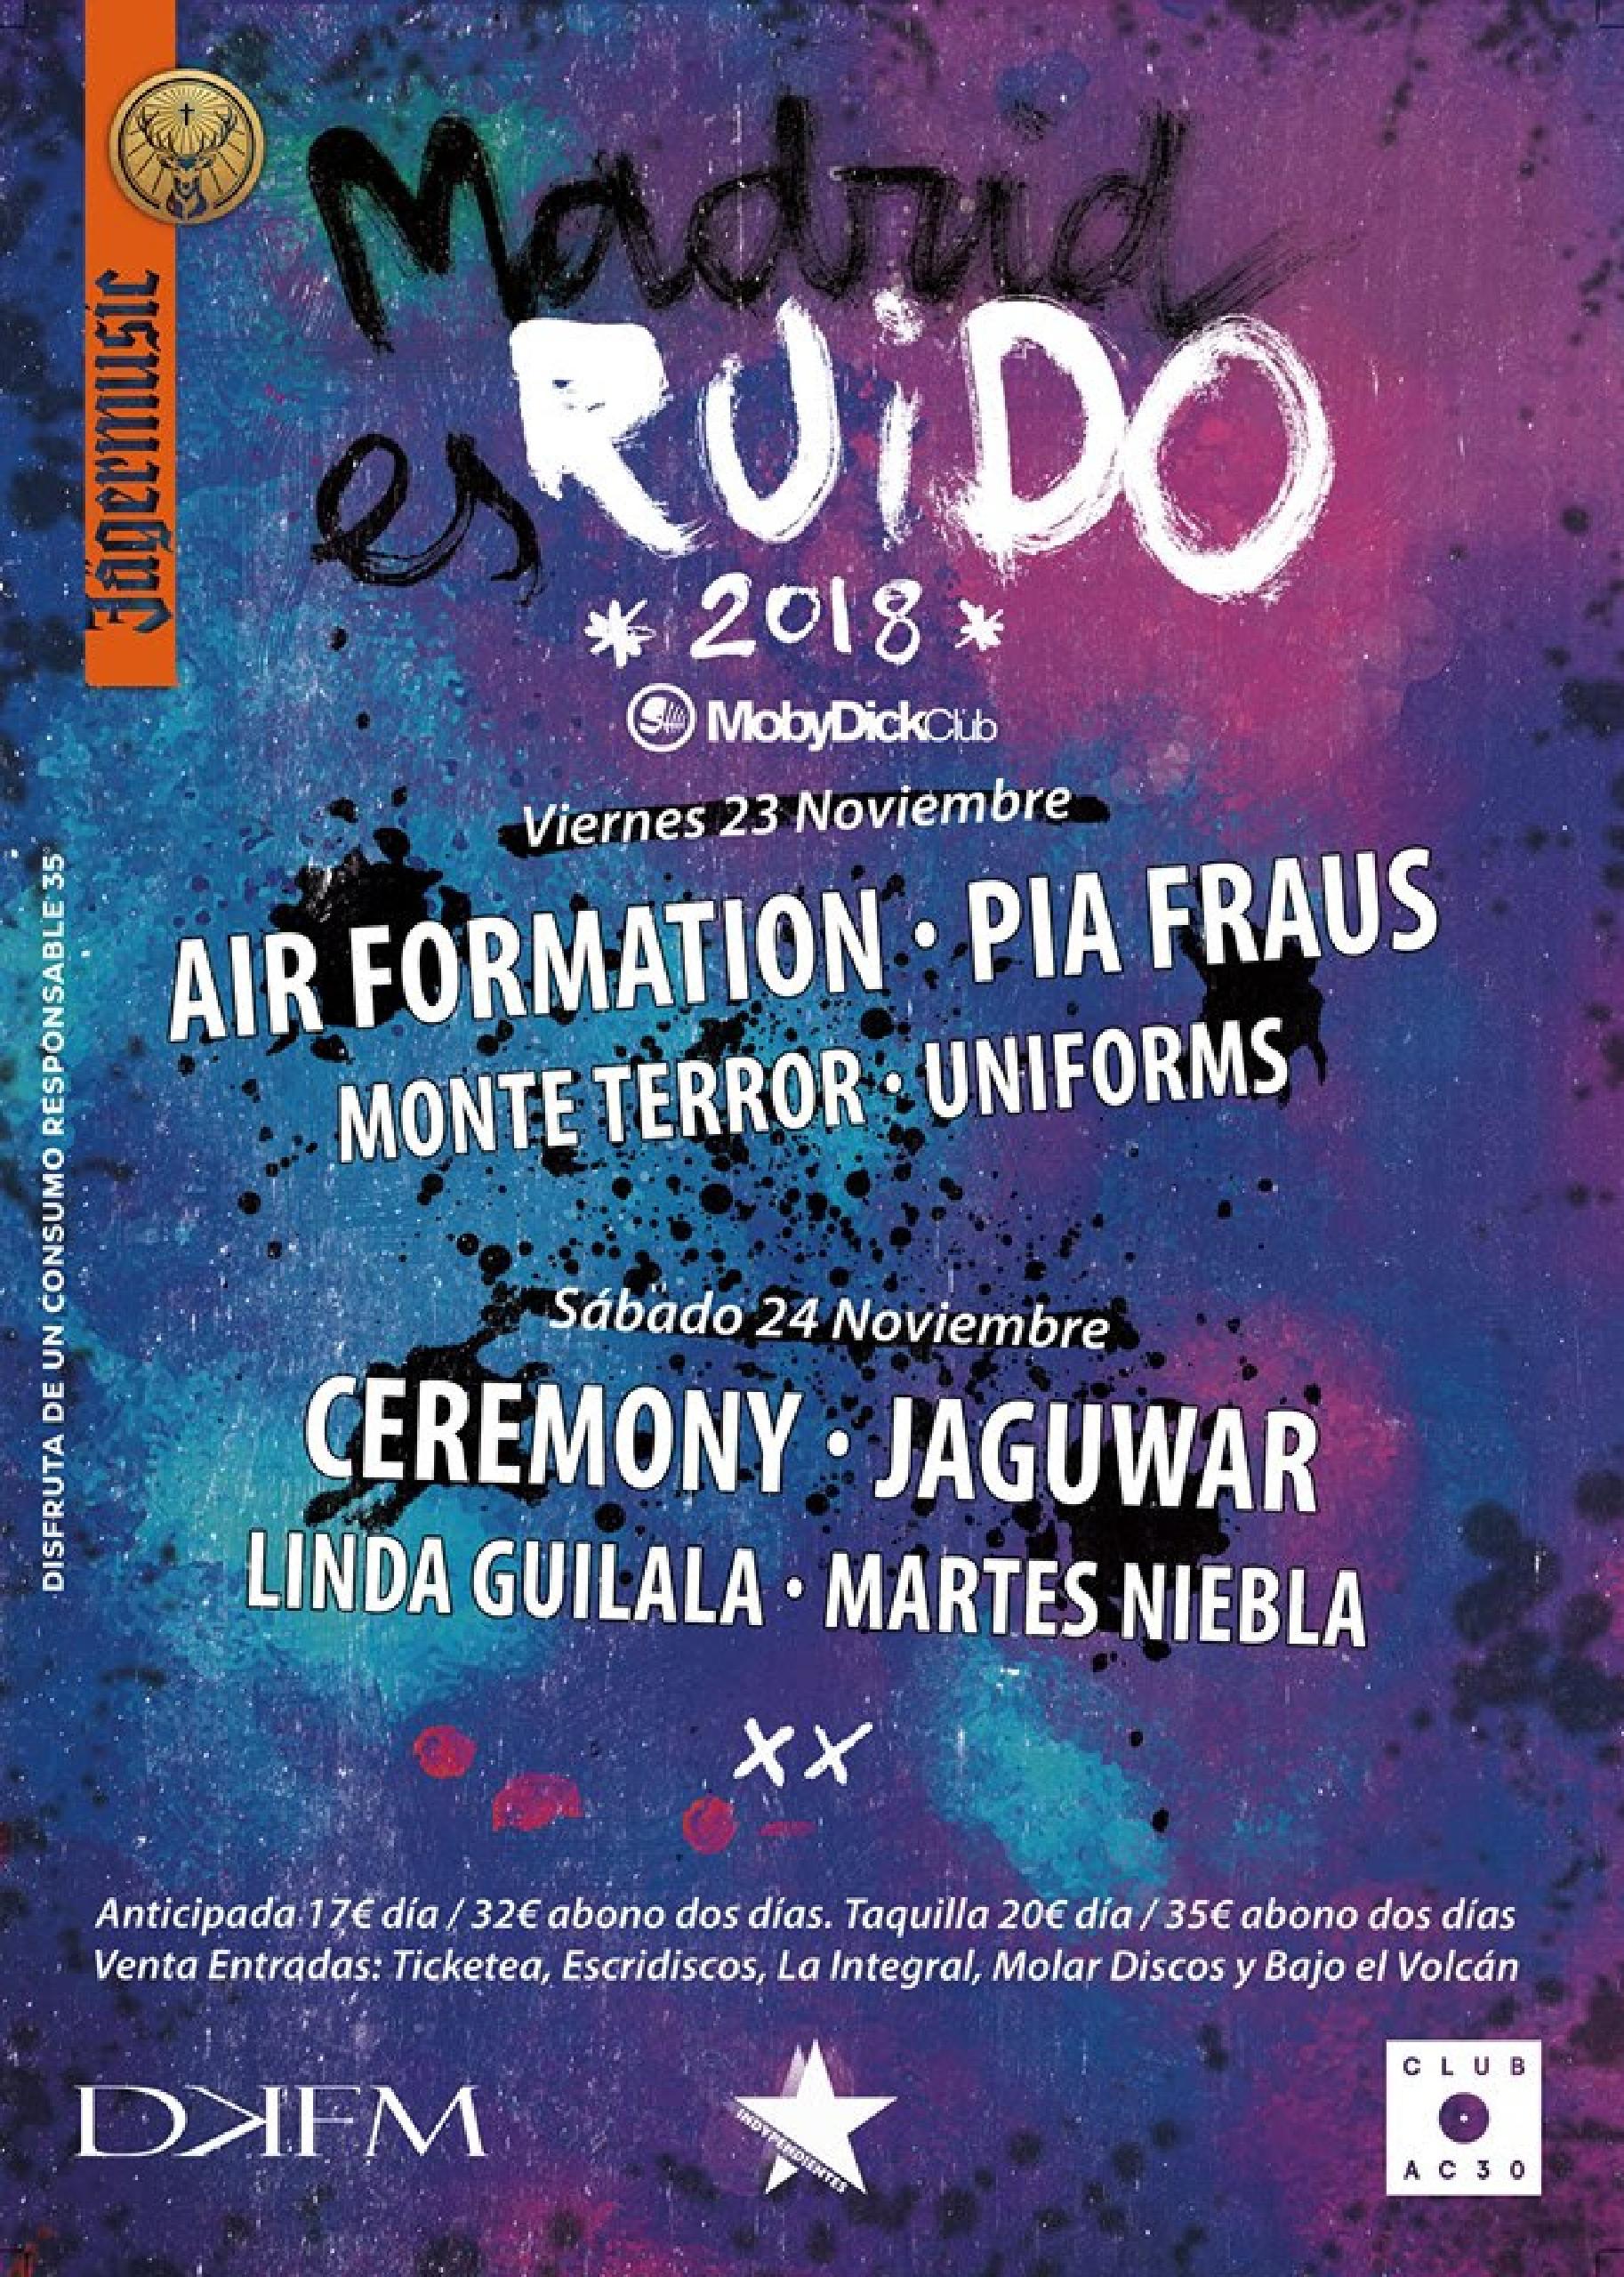 Cartel Madrid es Ruido 2018: Air Formation, Pia Fraus, Monte Terror, Uniforms, Ceremony, Jaguwar, Linda Guilala, Martes niebla